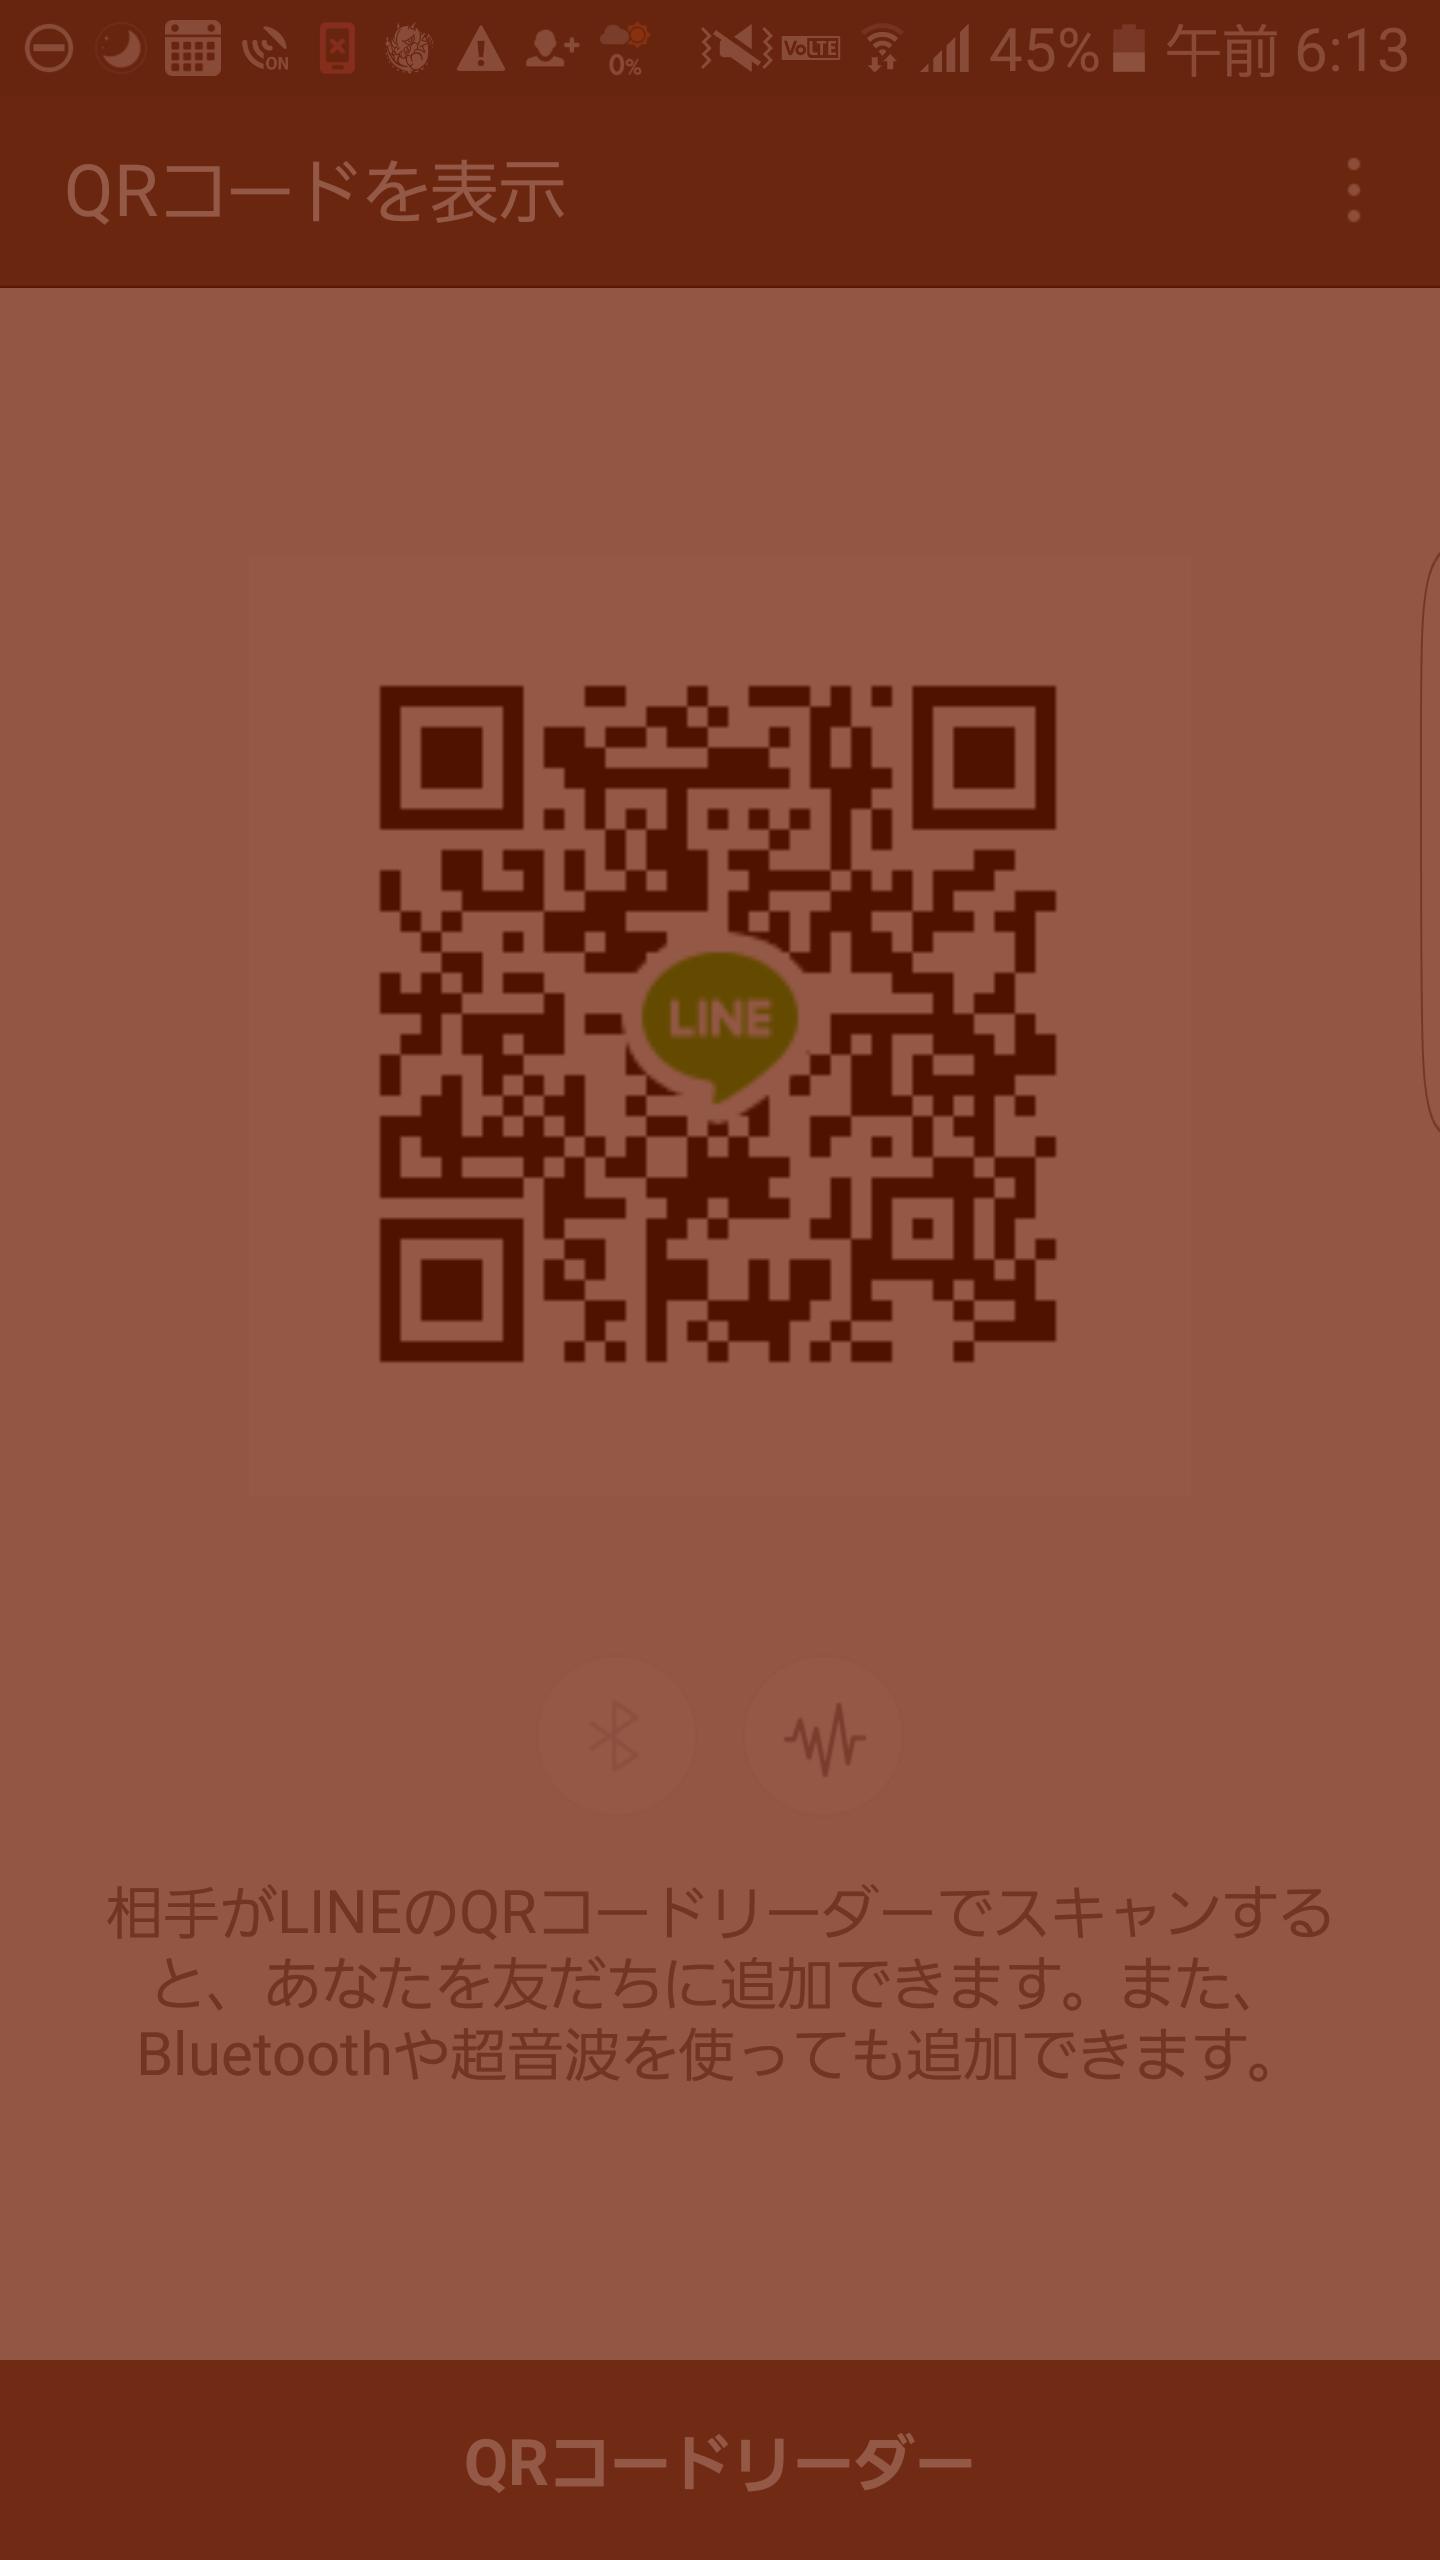 山崎樹里さんのLINE QRコード